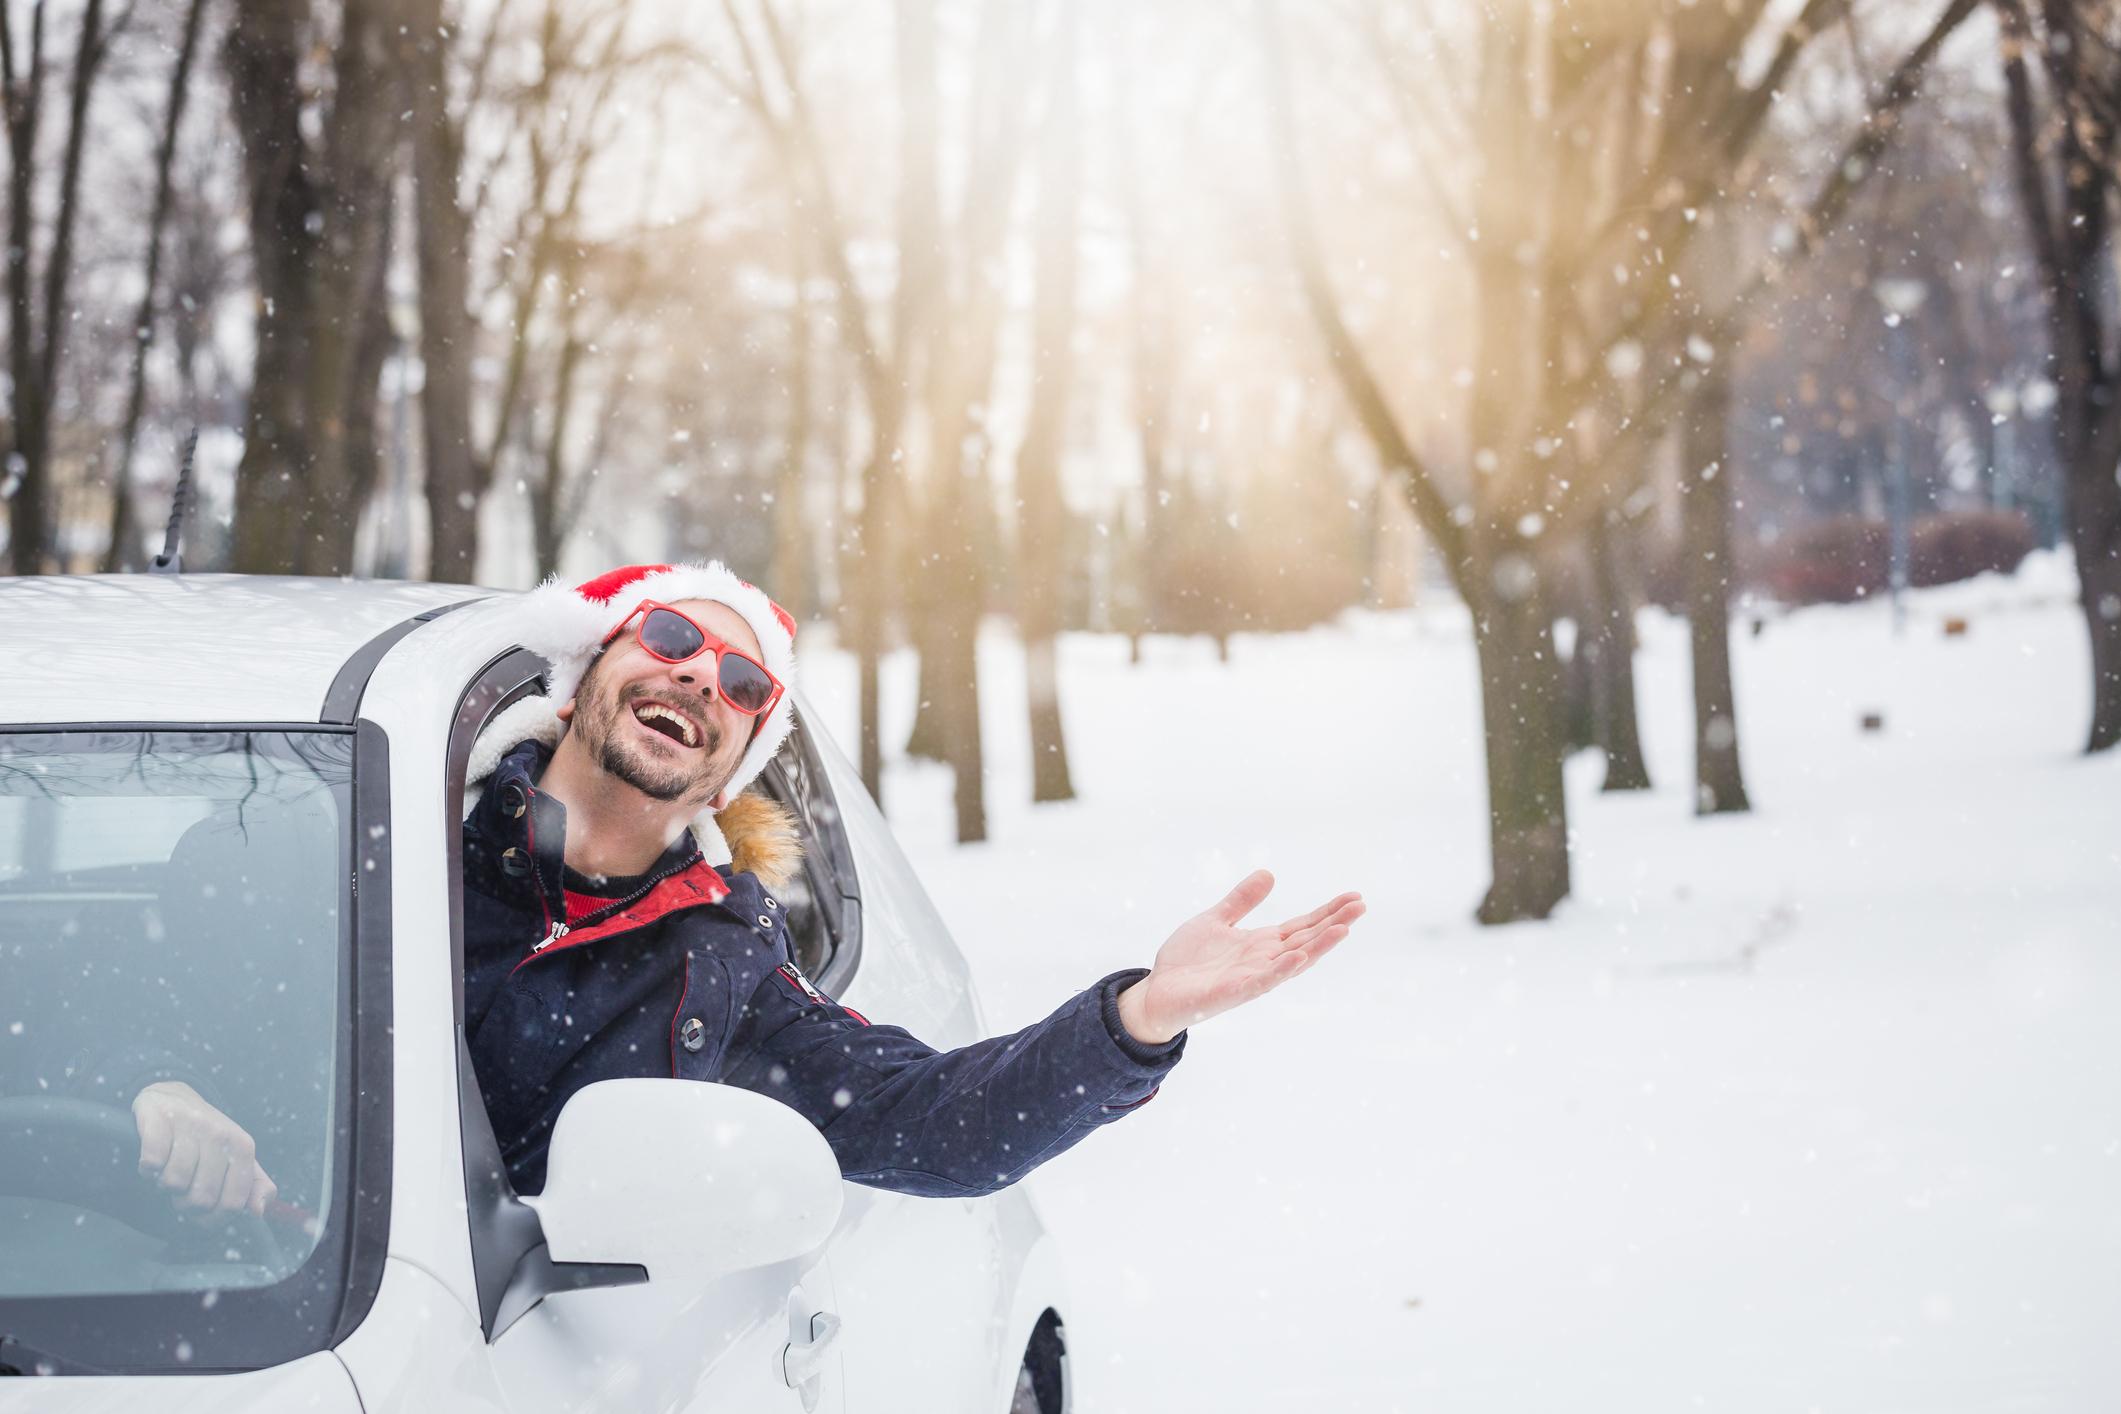 Fiestas de Navidad - Precauciones al conducir, evitar el Alcohol